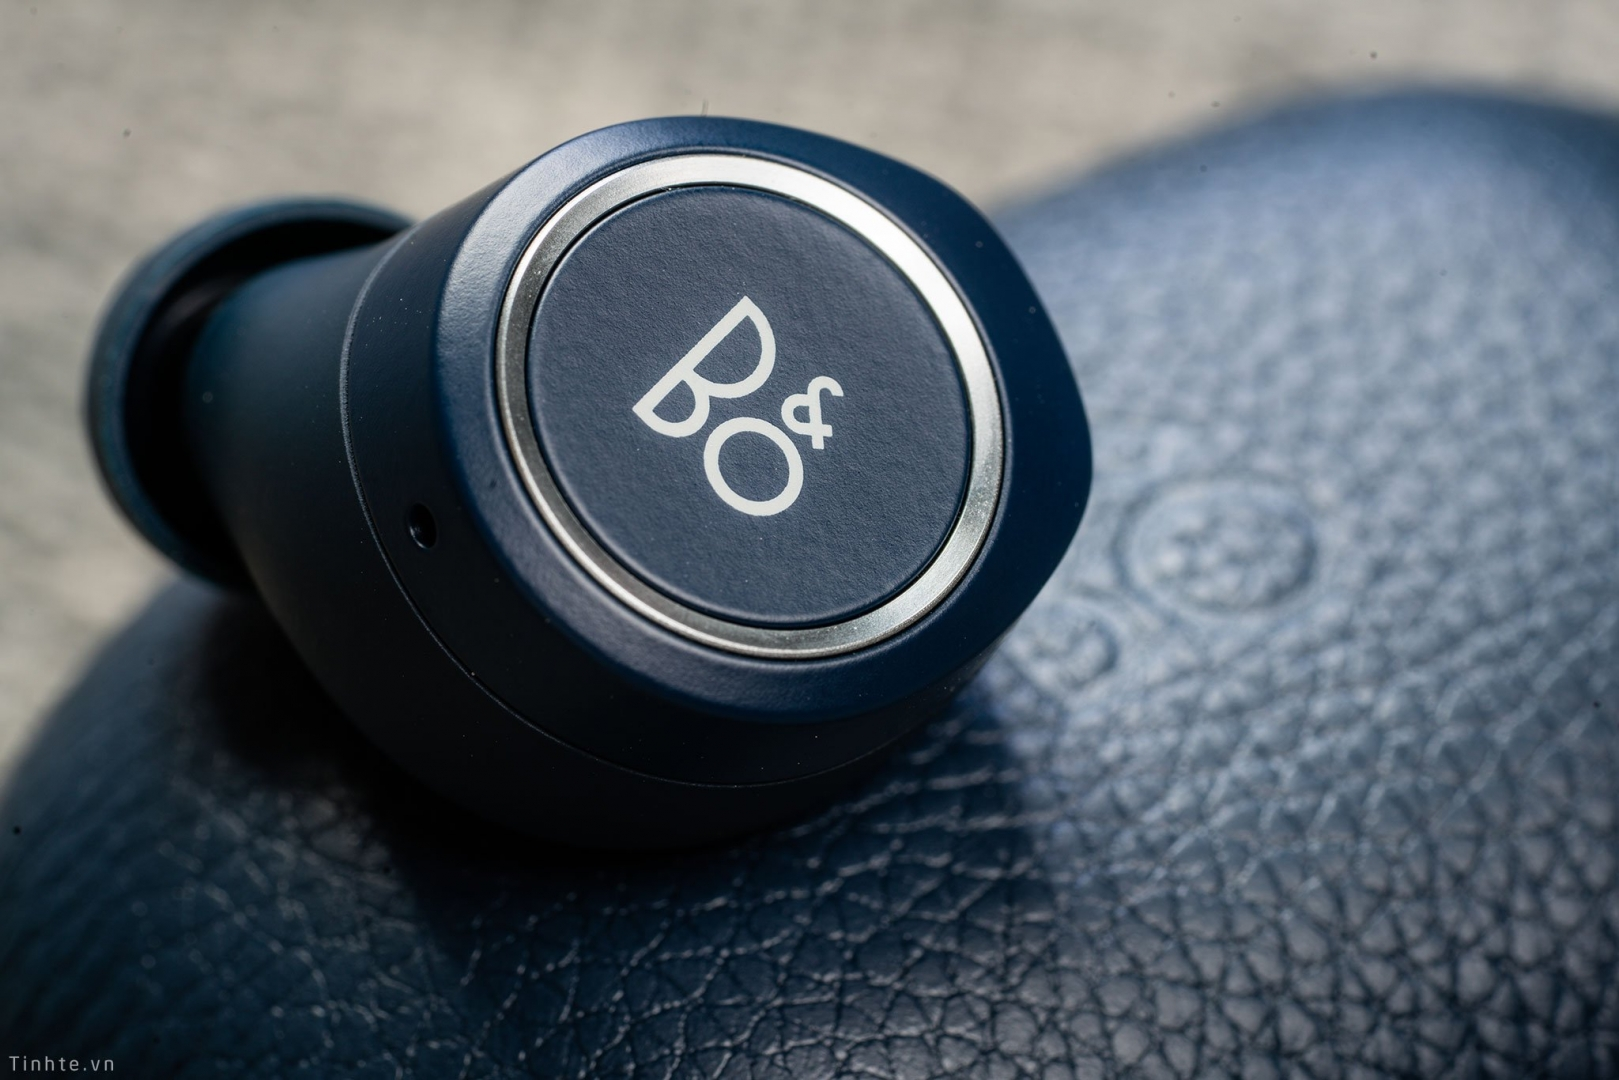 Review Beoplay E8 2.0, hộp sạc không dây, cổng USB-C, pin 20 tiếng, đắt vẫn xắt ra miếng